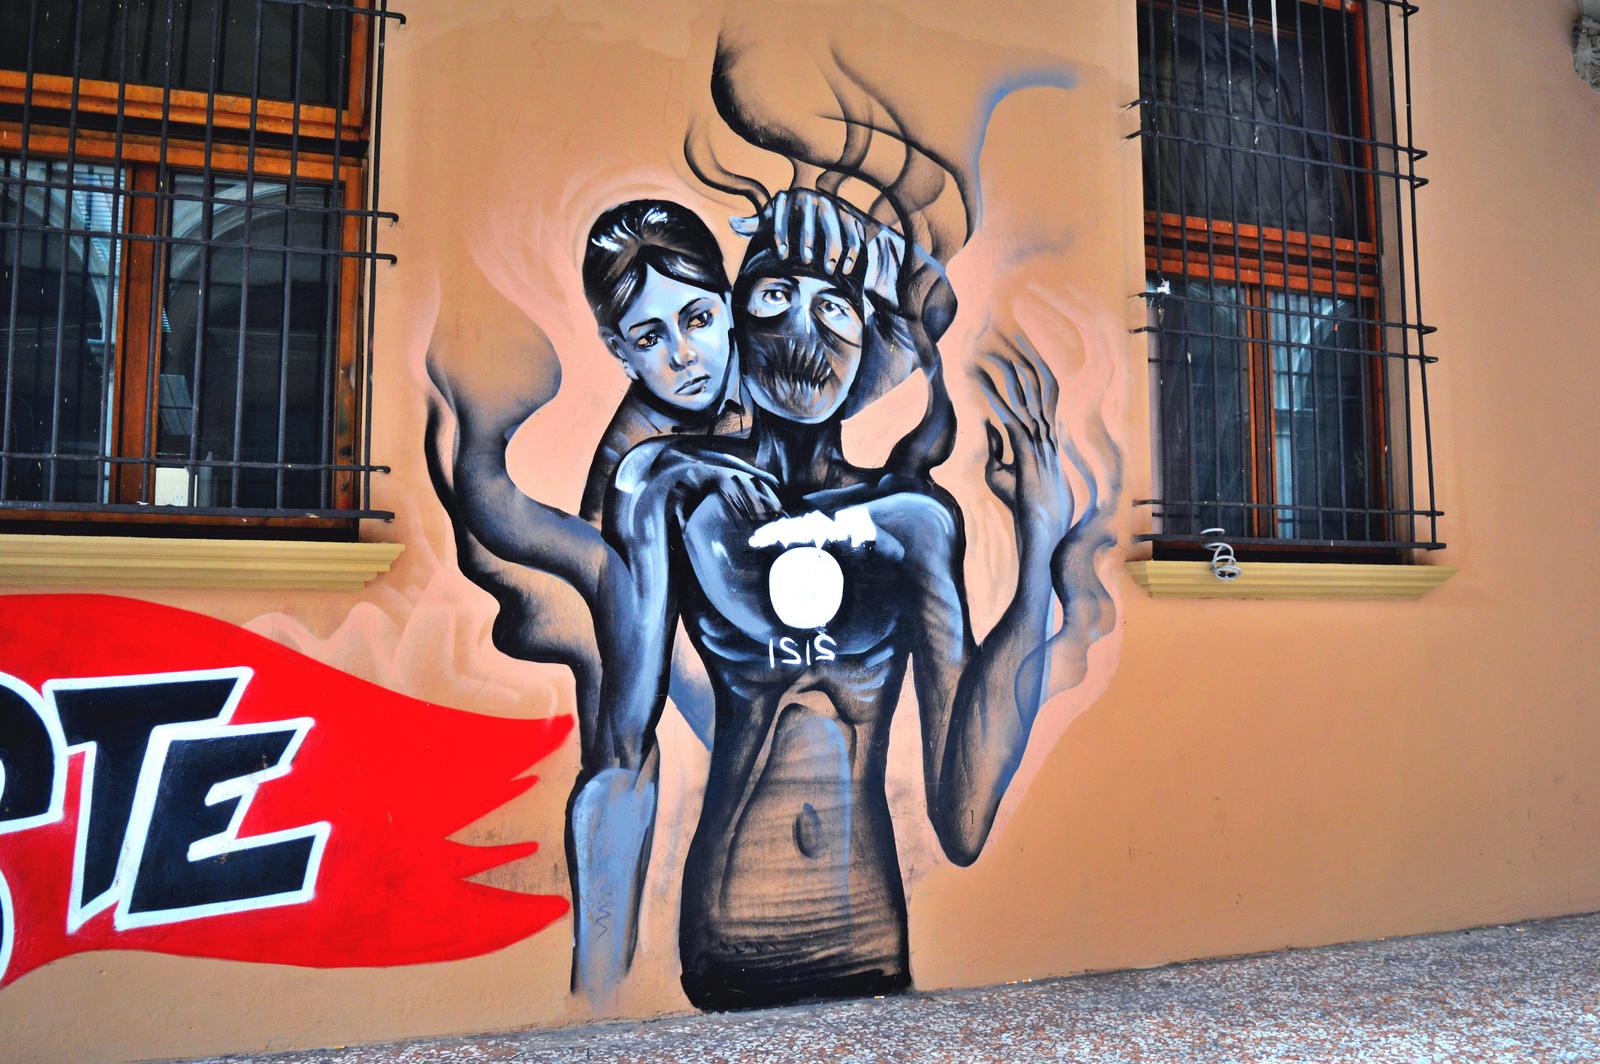 Street art in Bologna's student quarter.